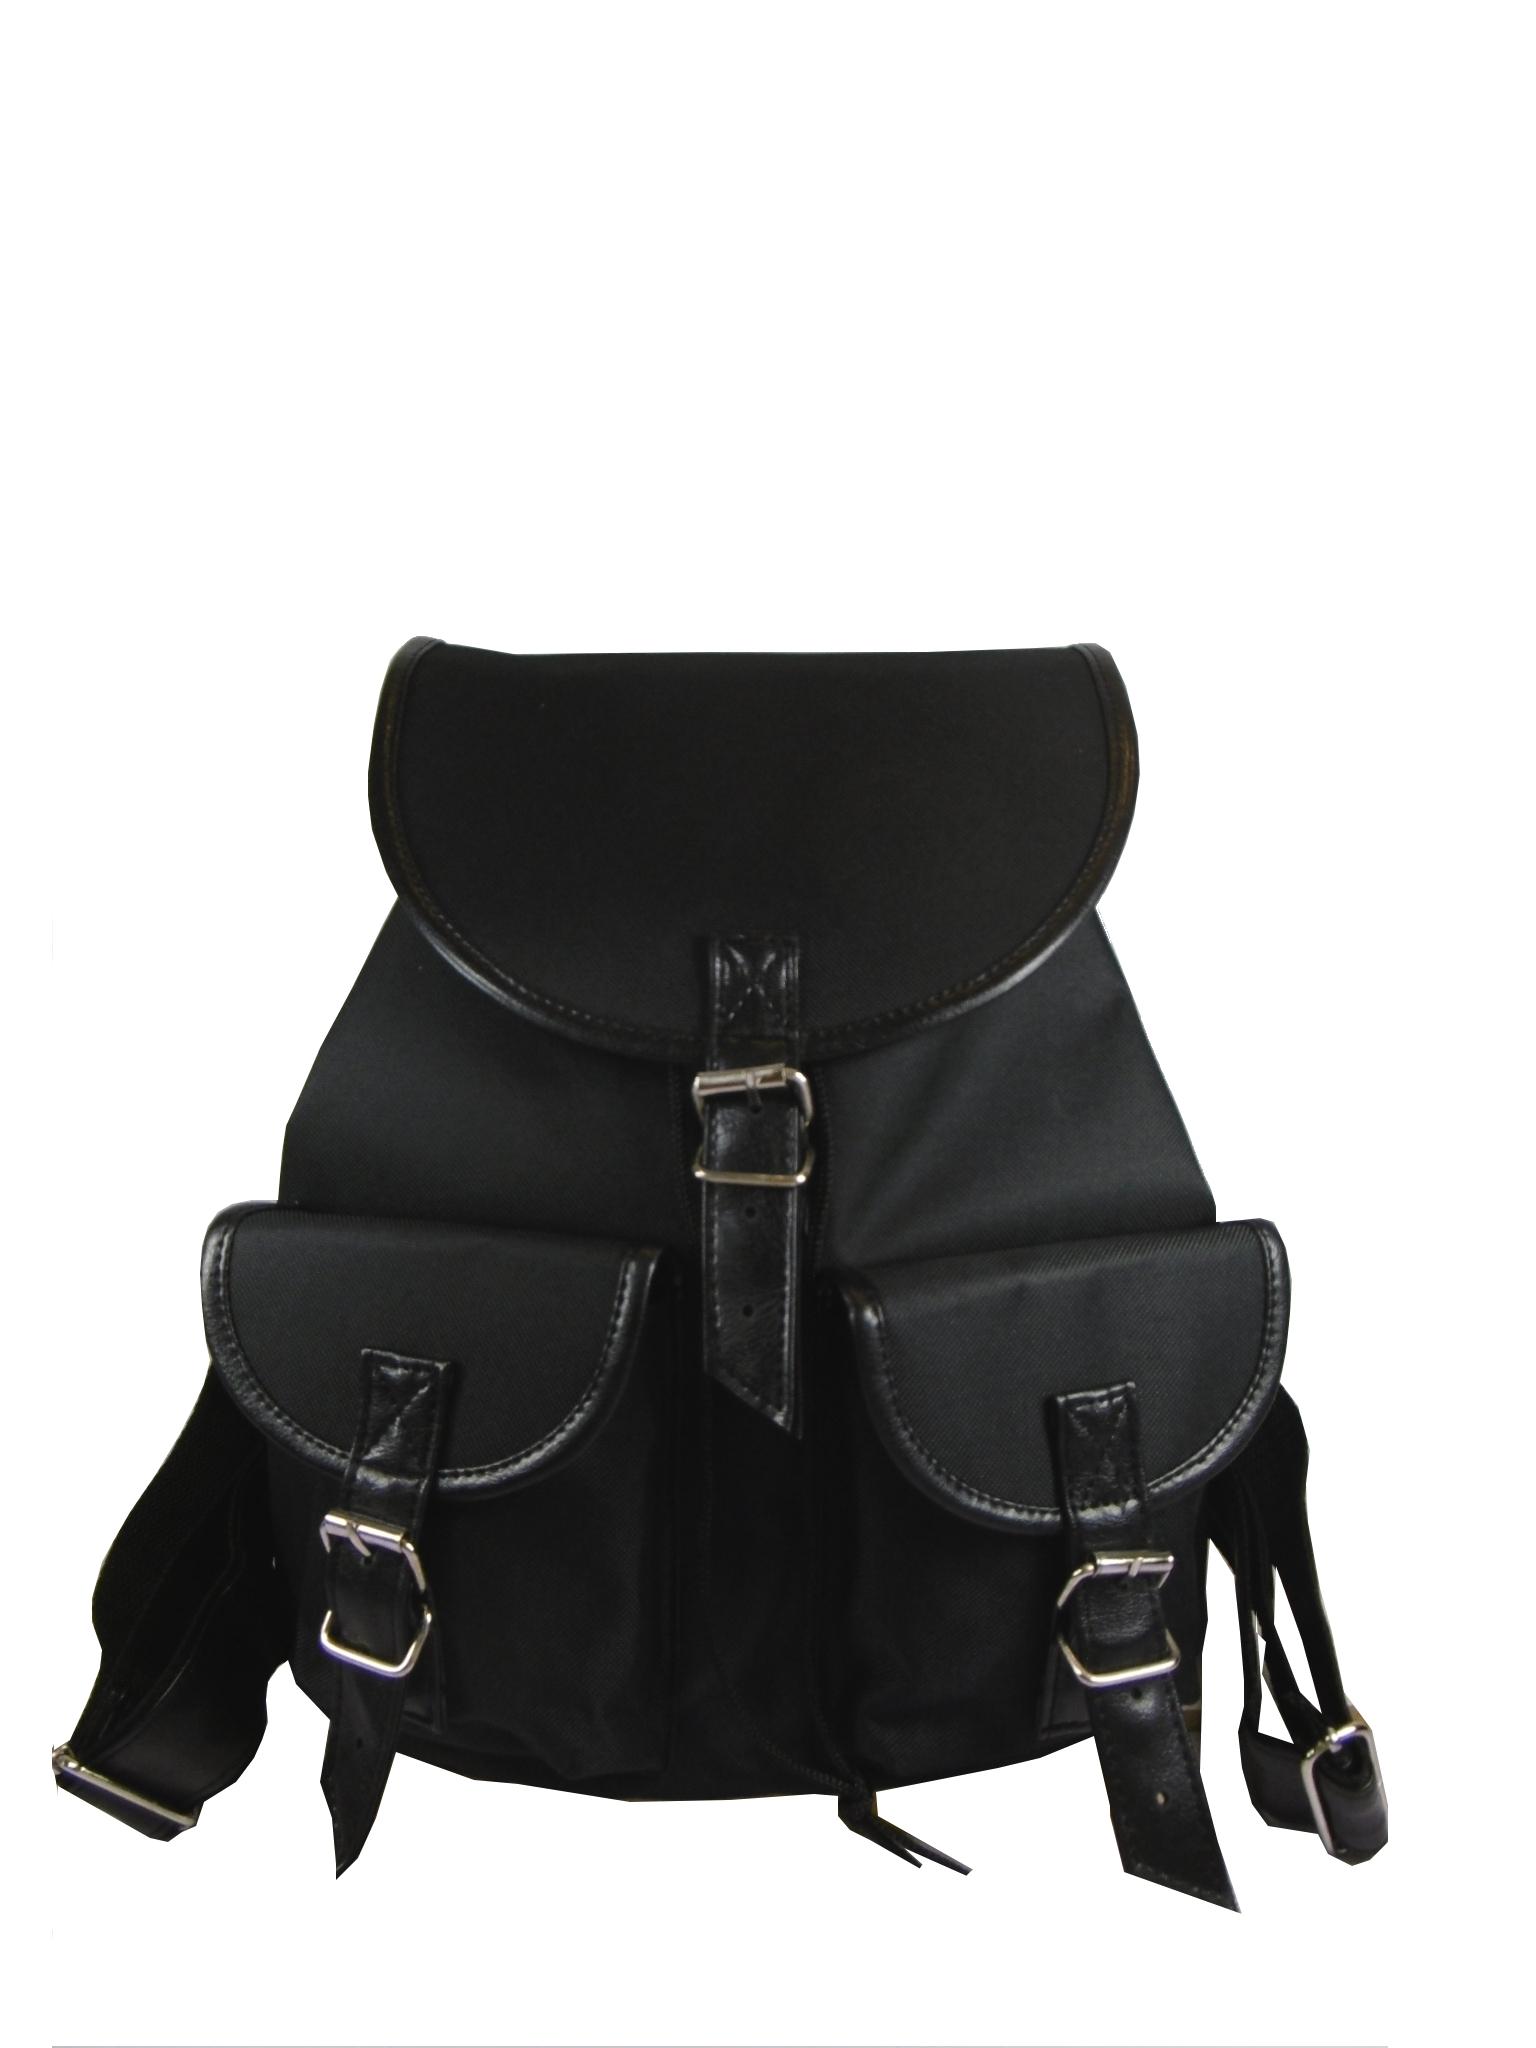 e1f2d1bb10b57 Plecak czarny Plecaki VINTAGE szkolny miejski A4 6747080883 - Allegro.pl